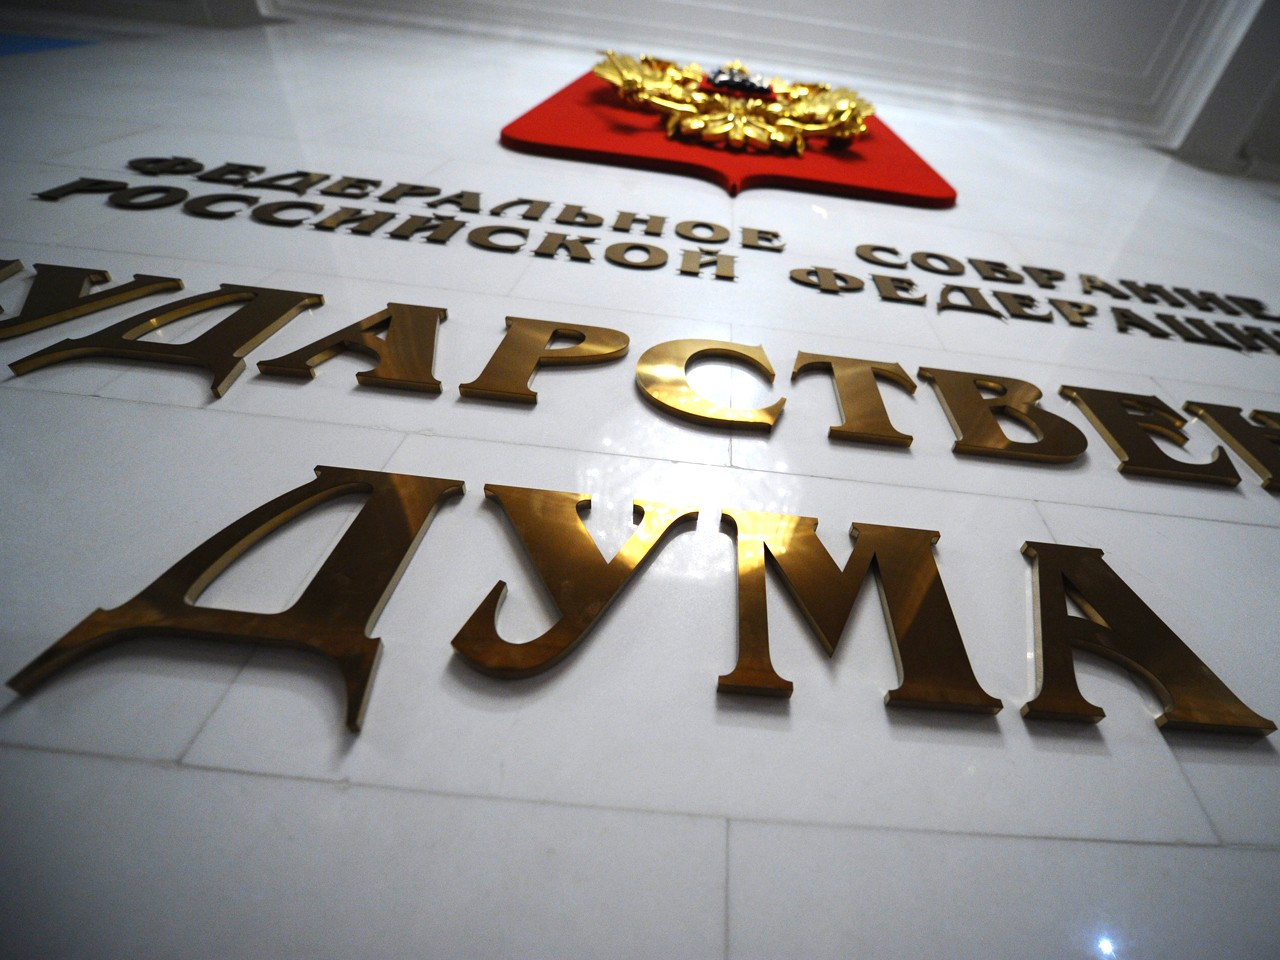 Онищенко: на Российской Федерации могут испытать генетическое оружие